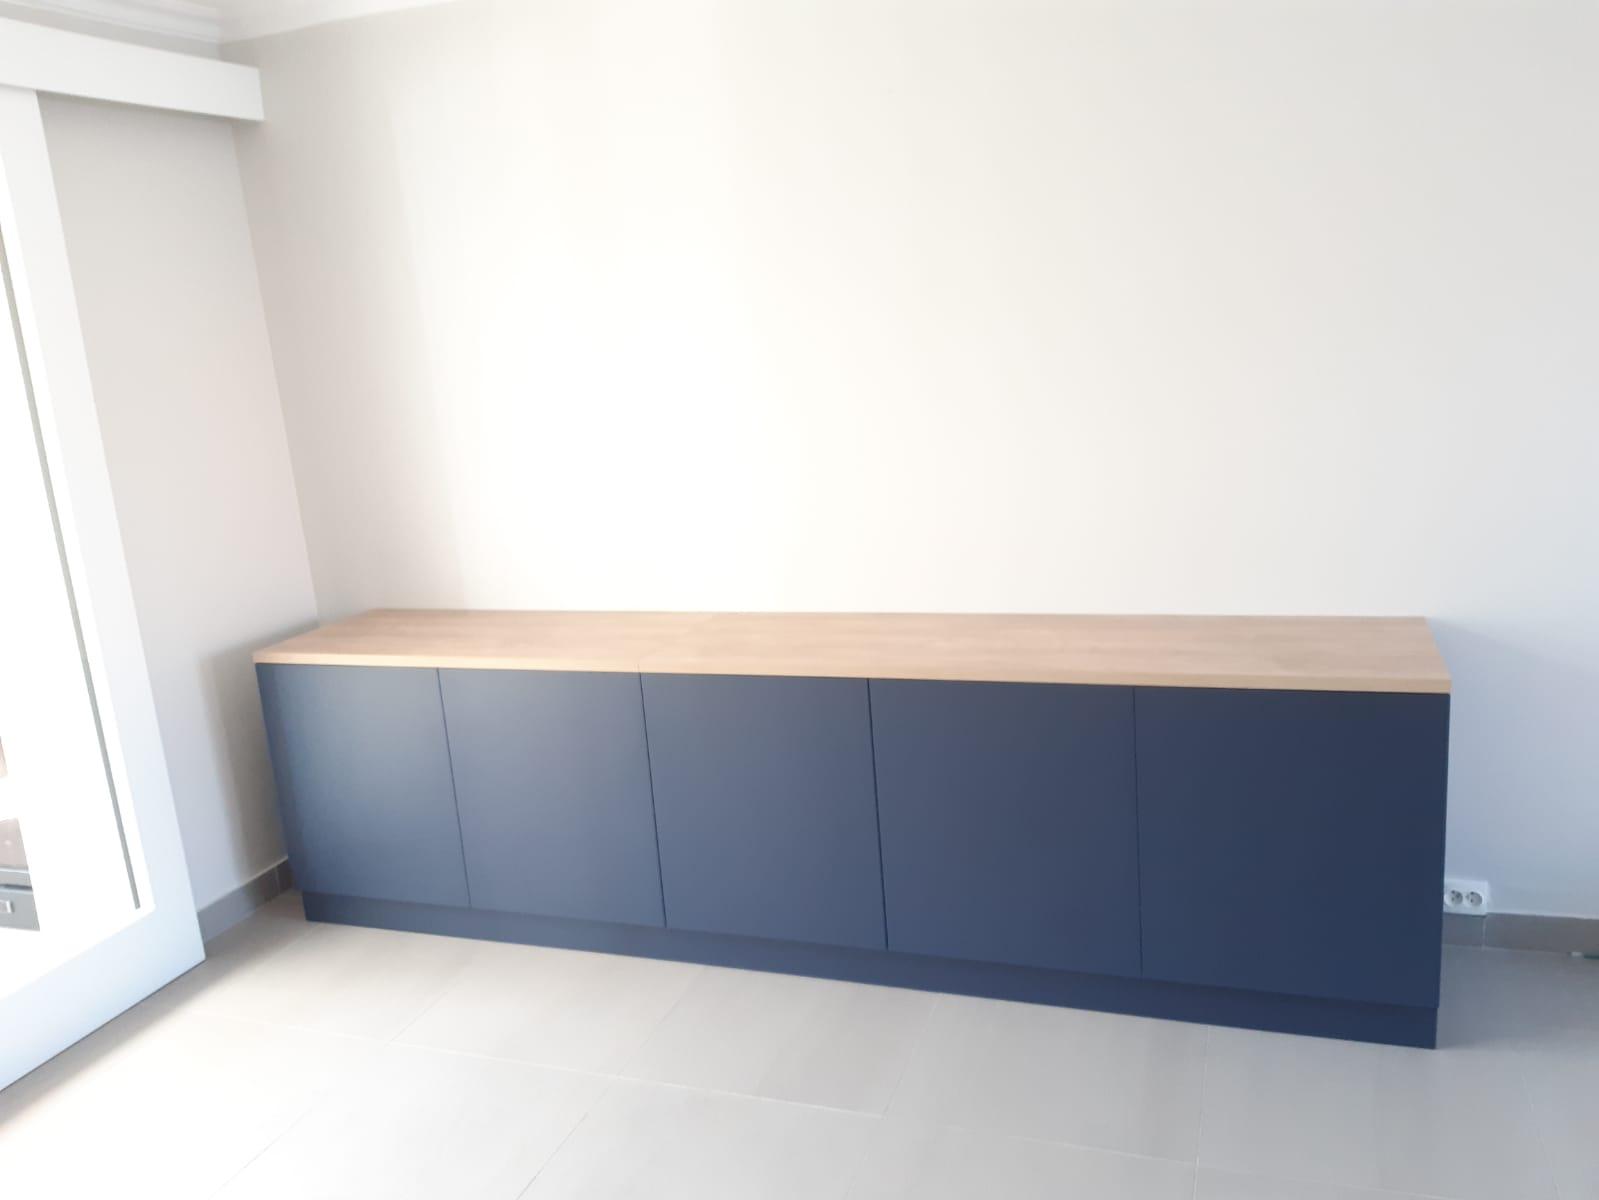 Sur cette photo, on voit le meuble Tv dans la pièce.